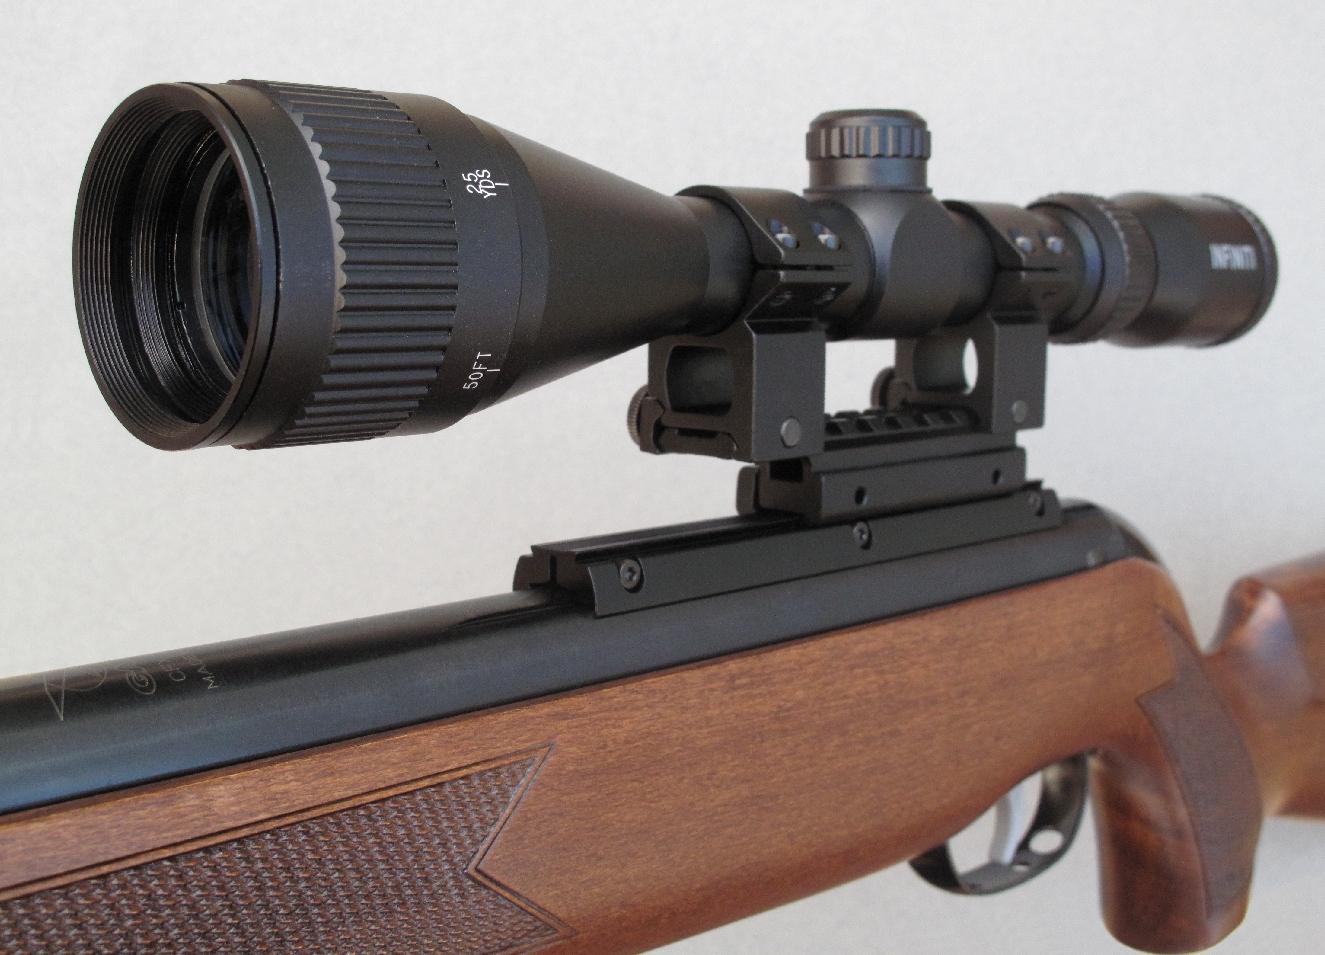 L'objectif de la lunette comporte une bague destinée au réglage de la parallaxe. Son canon comporte un généreux frein de bouche, muni d'un rail porte-accessoires.